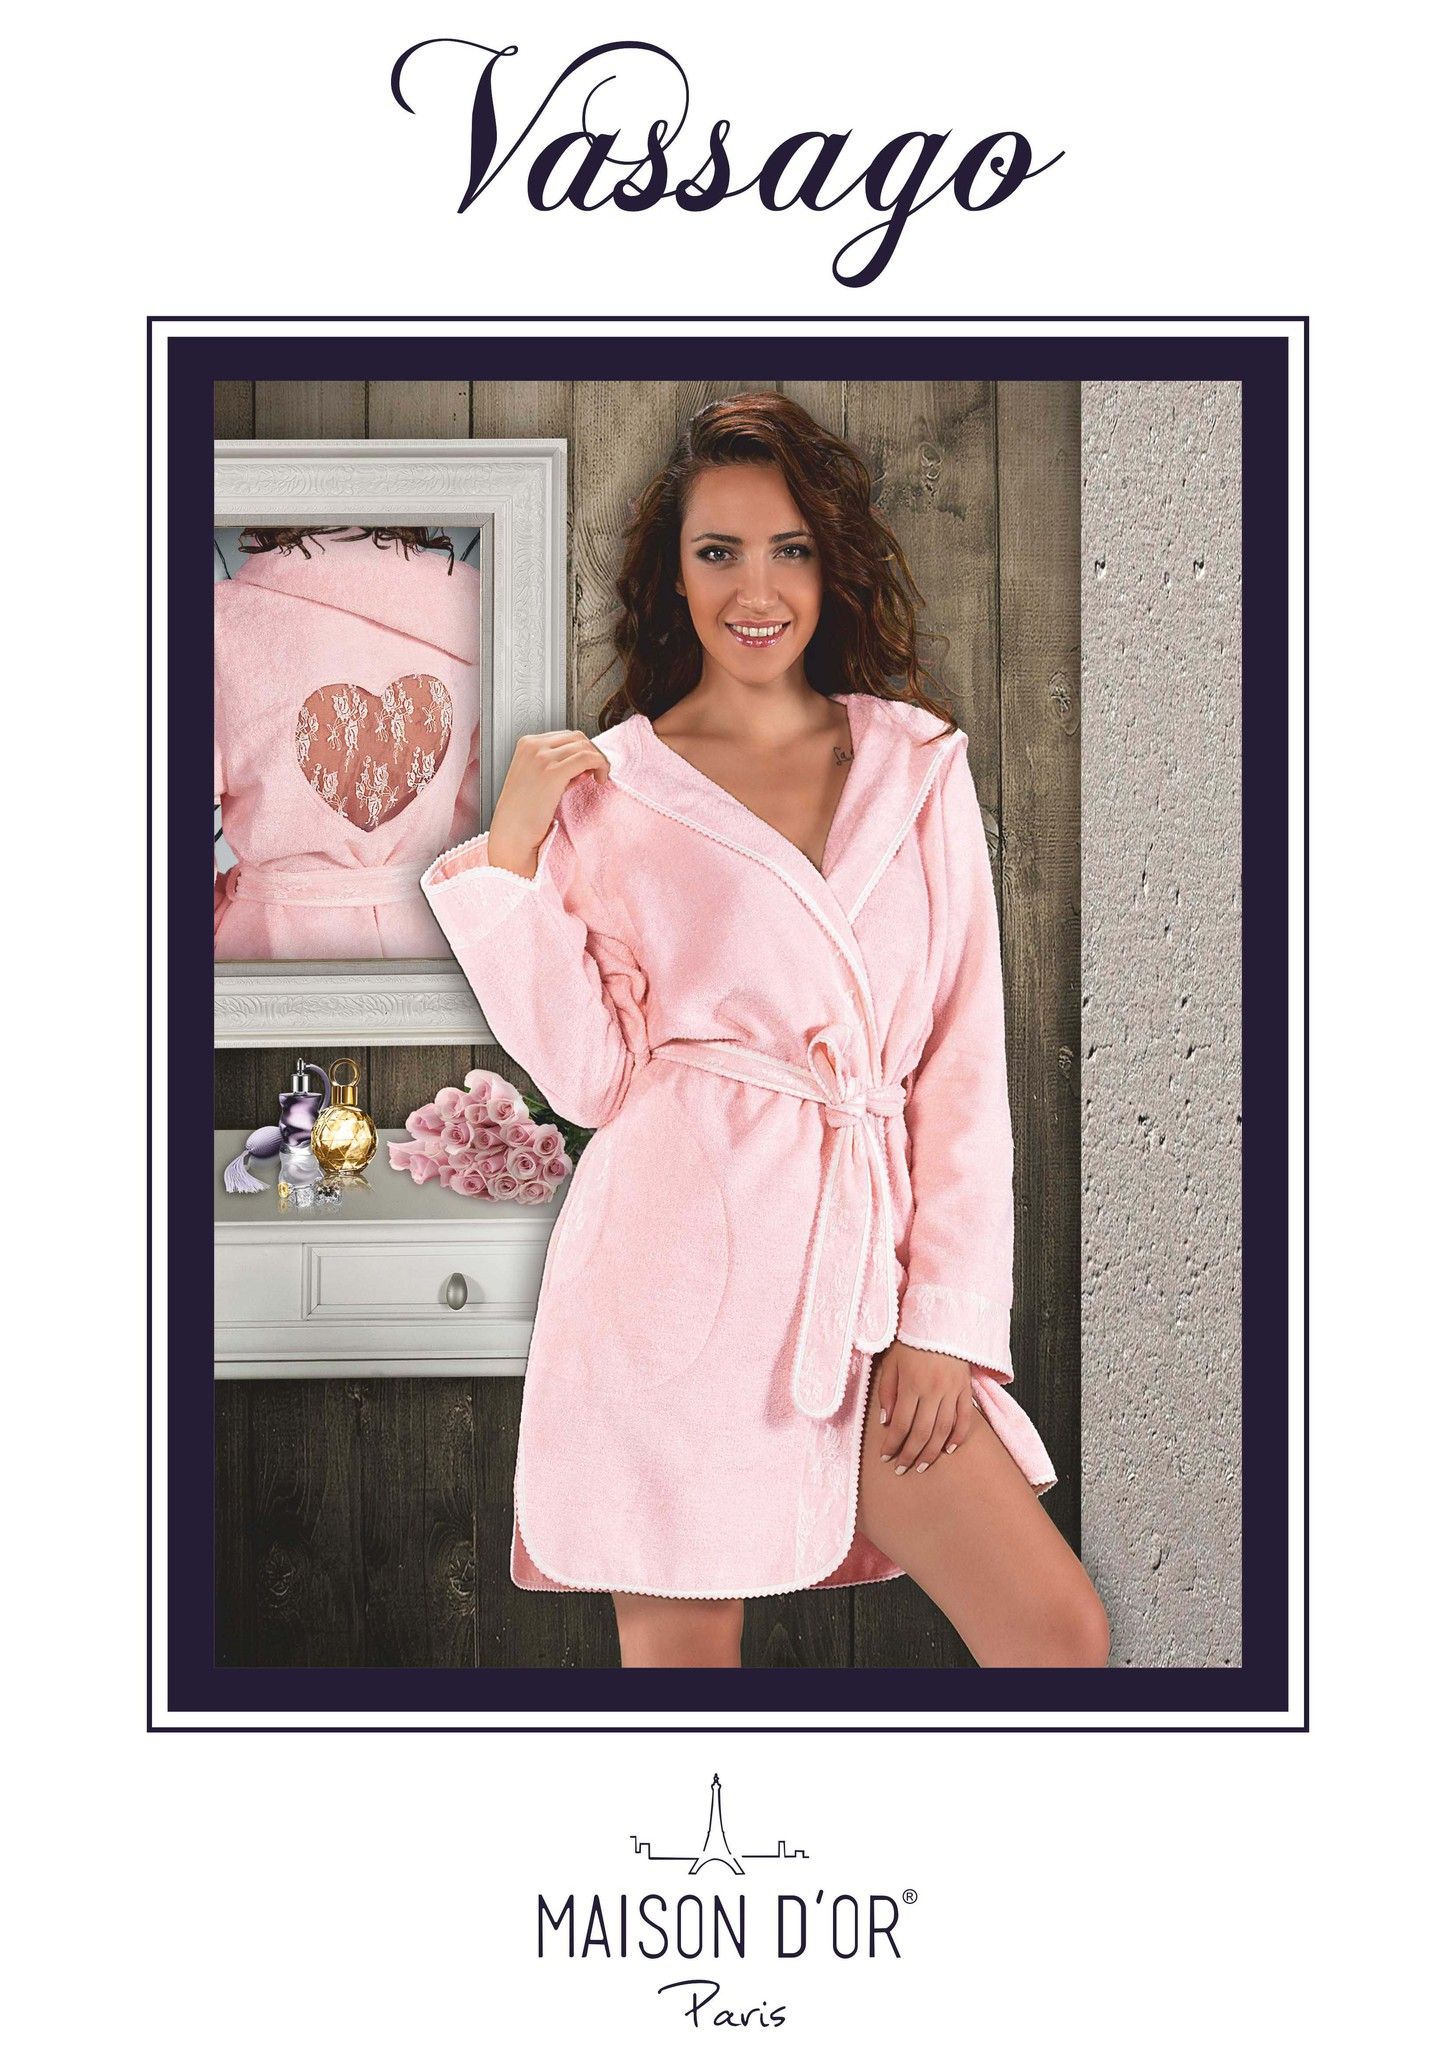 Махровые халаты VASSAGO ВАССАГО женский бамбуковый халат с капюшоном Maison Dor Турция Vassago-K.jpg